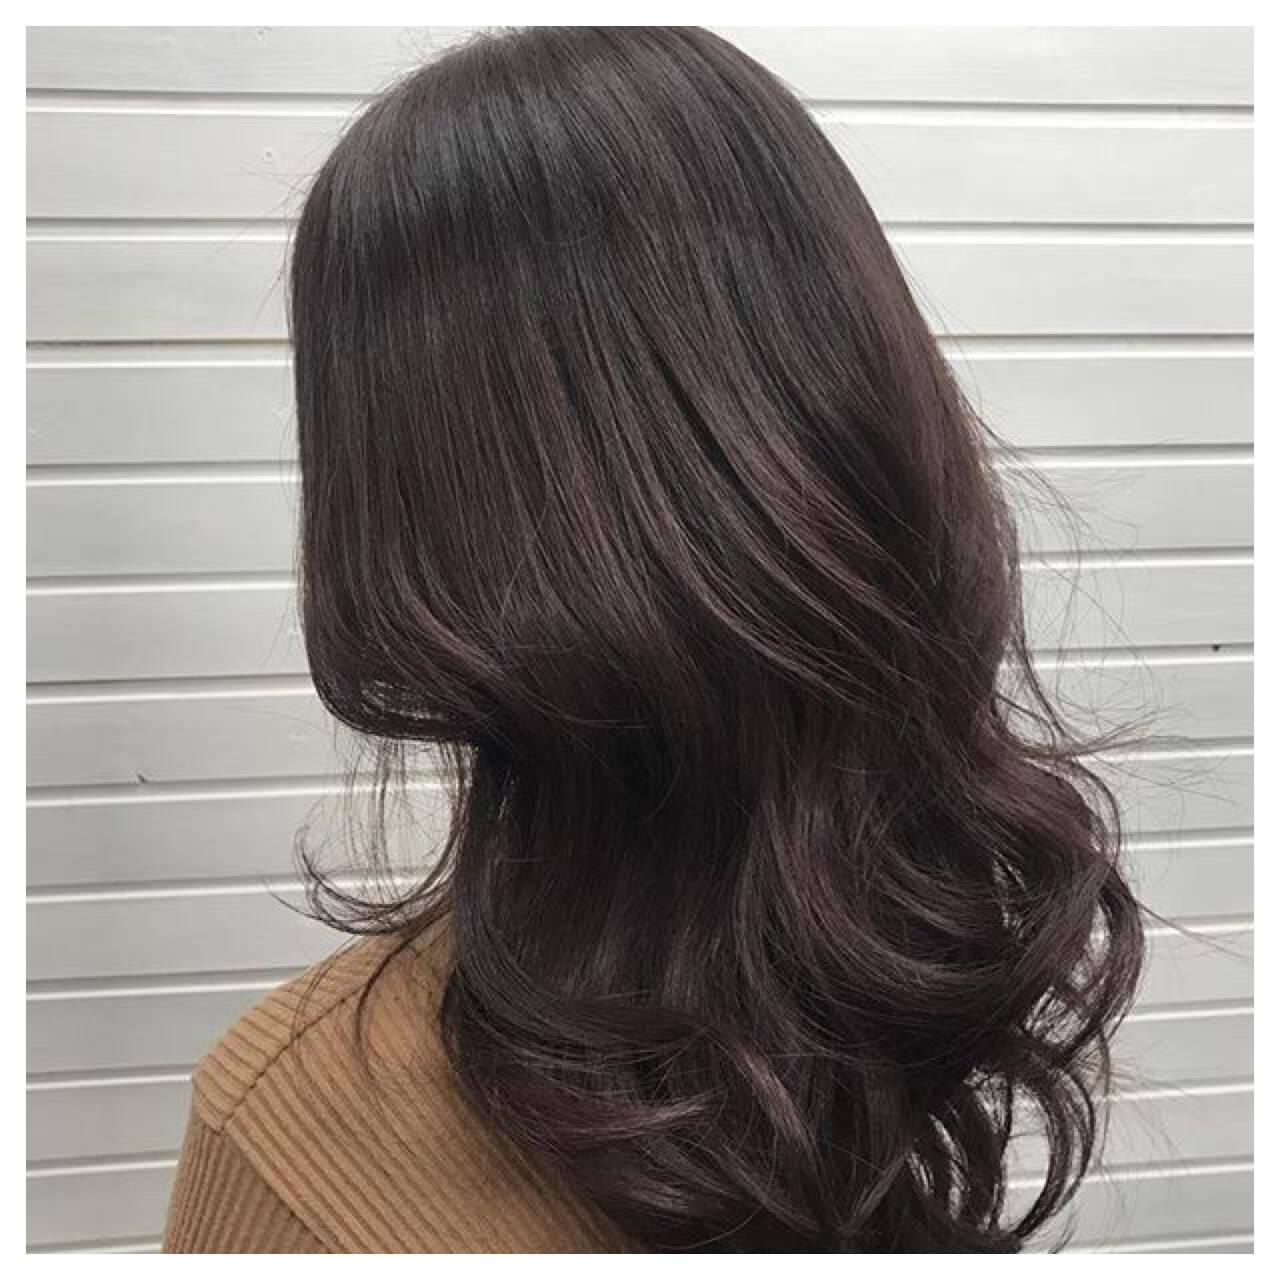 セミロング ピンク ベージュ イルミナカラーヘアスタイルや髪型の写真・画像